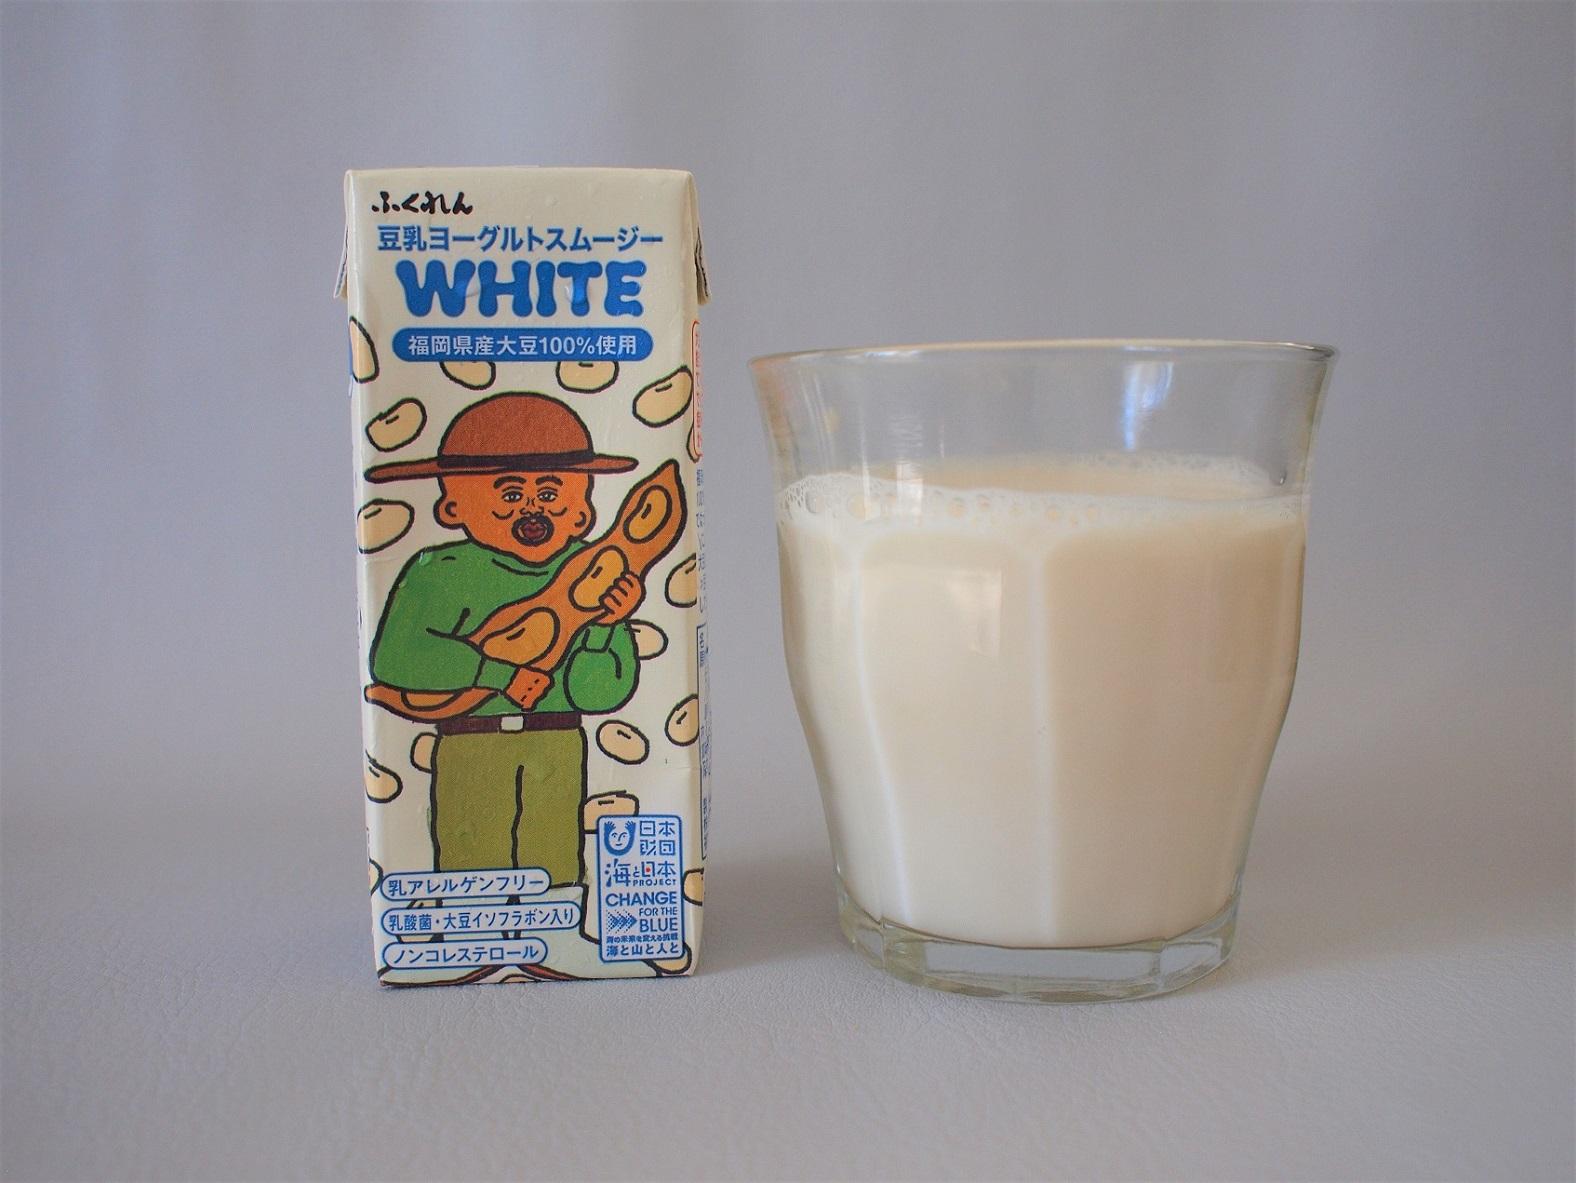 WHITE(豆乳ヨーグルト)